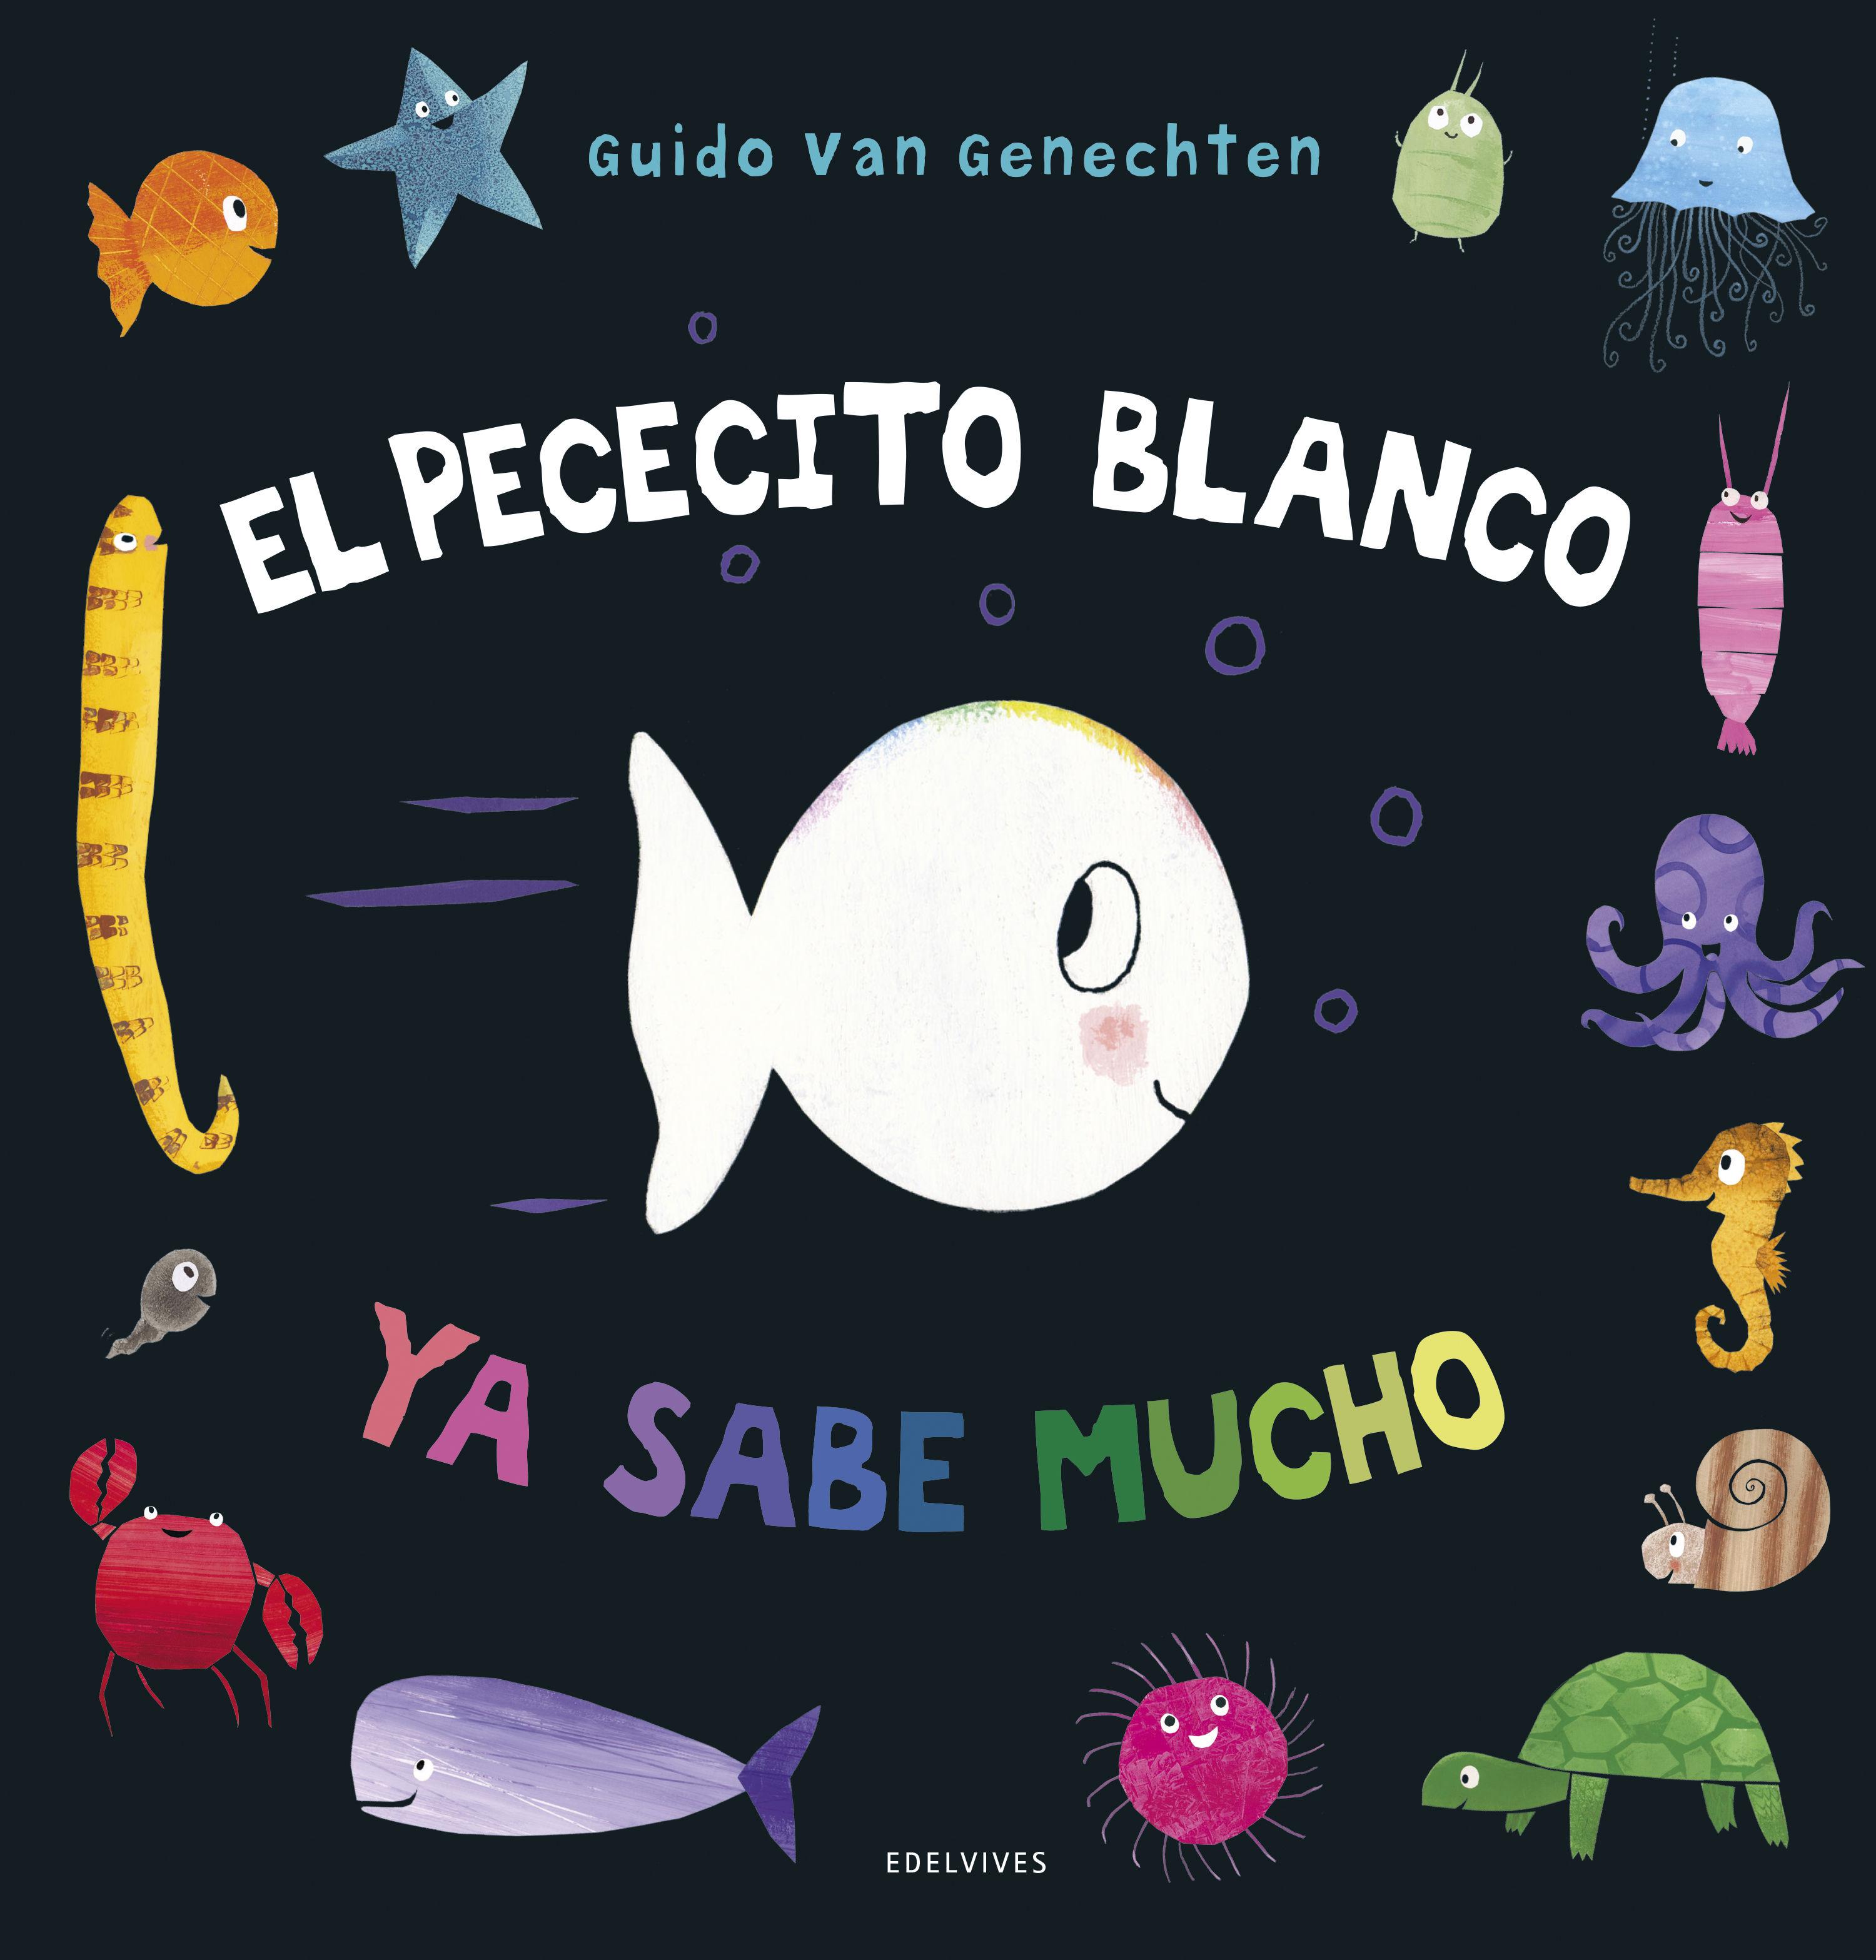 PECECITO BLANCO YA SABE MUCHO EL